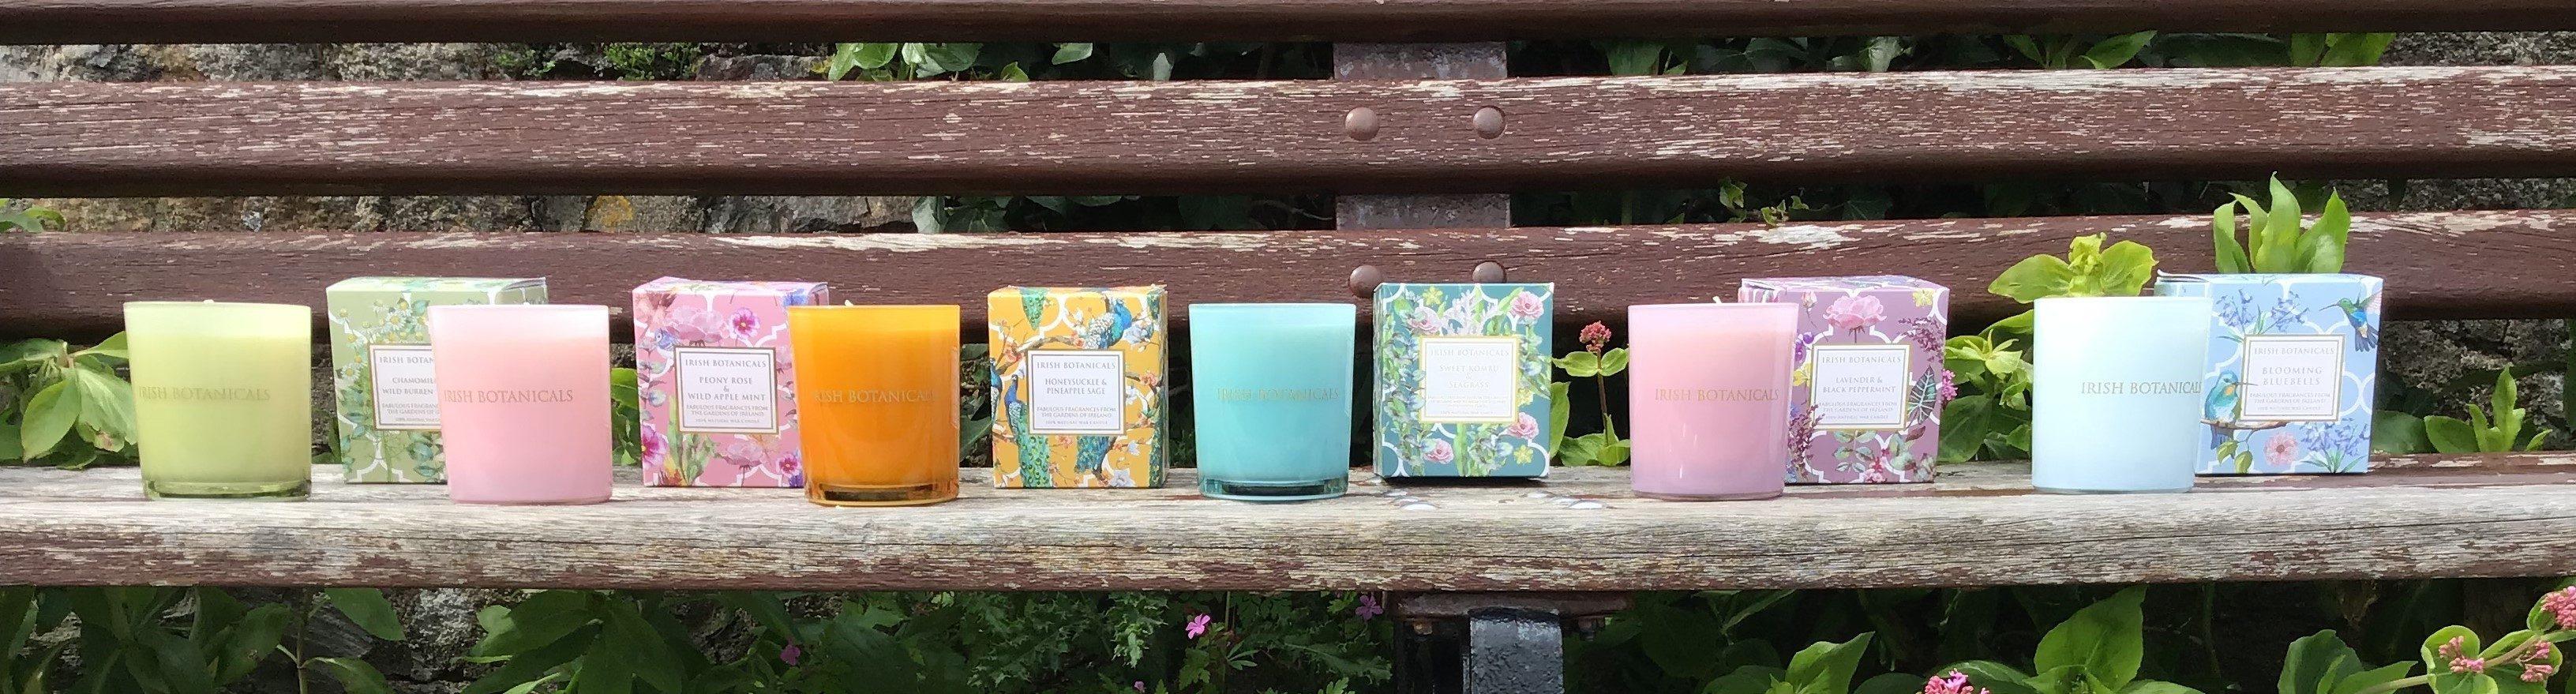 Candle jars Irish Botanicals